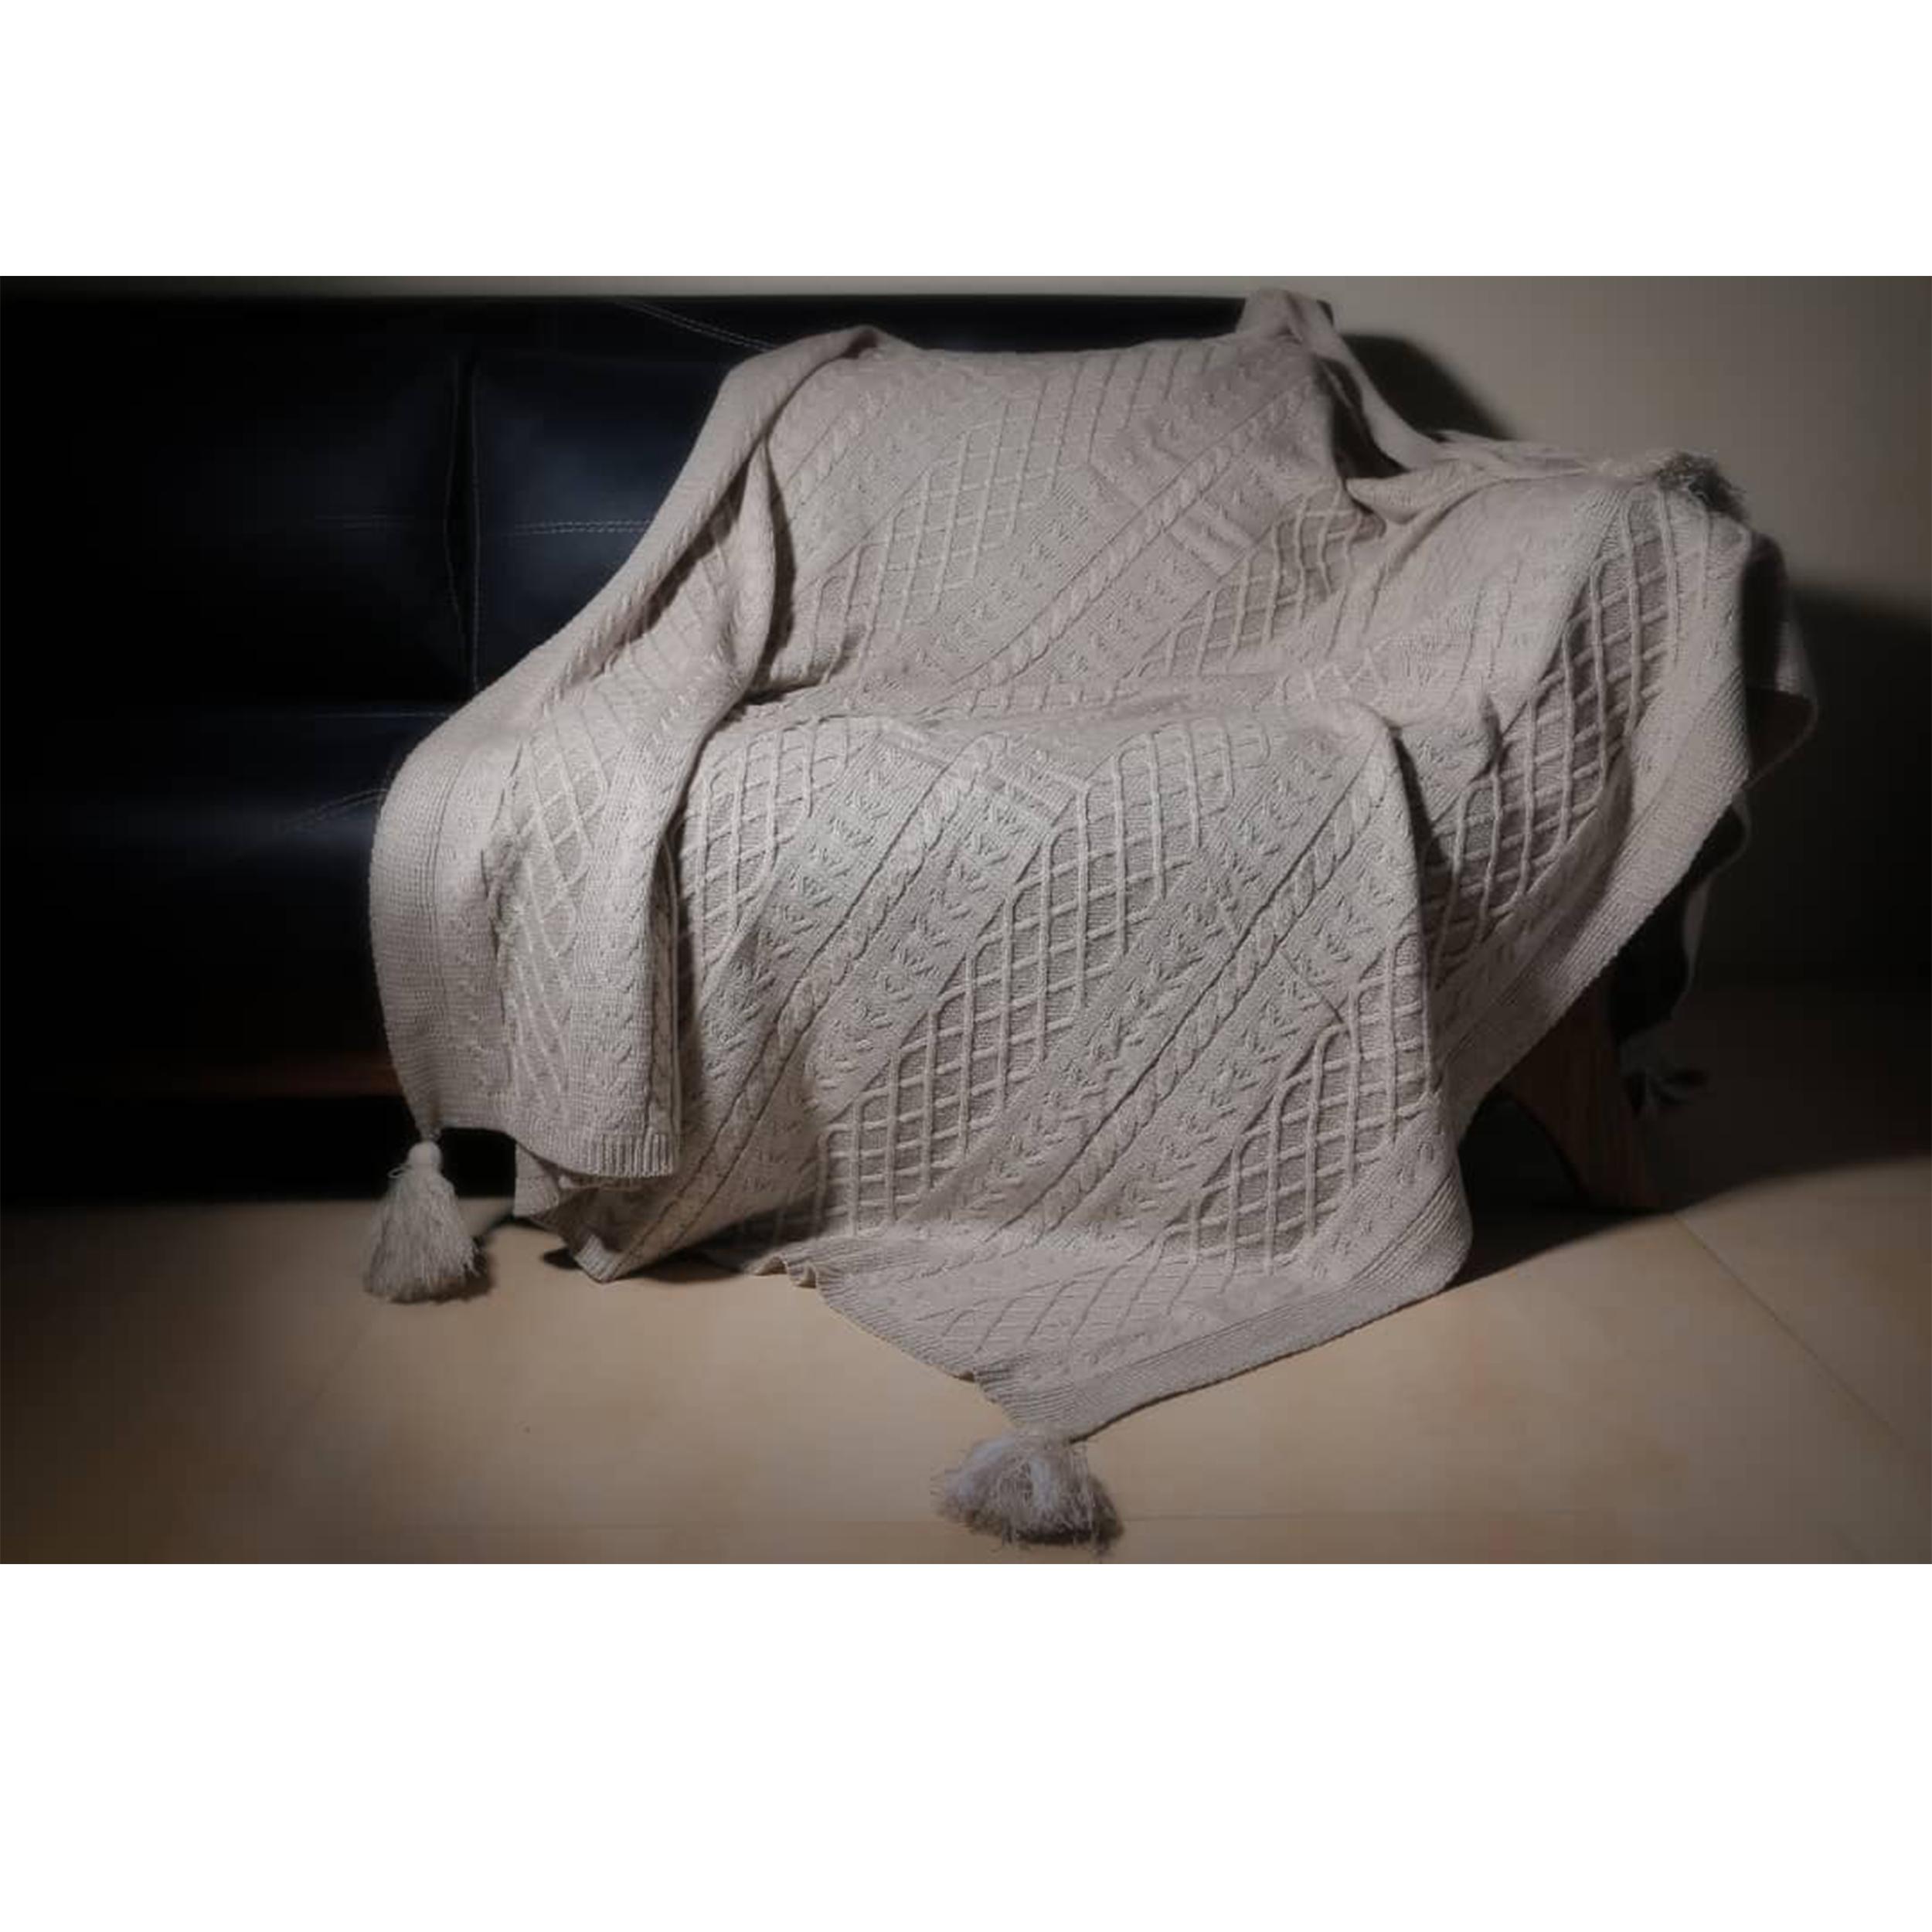 شال مبل مدل Poto05 سایز 200x120 سانتی متر